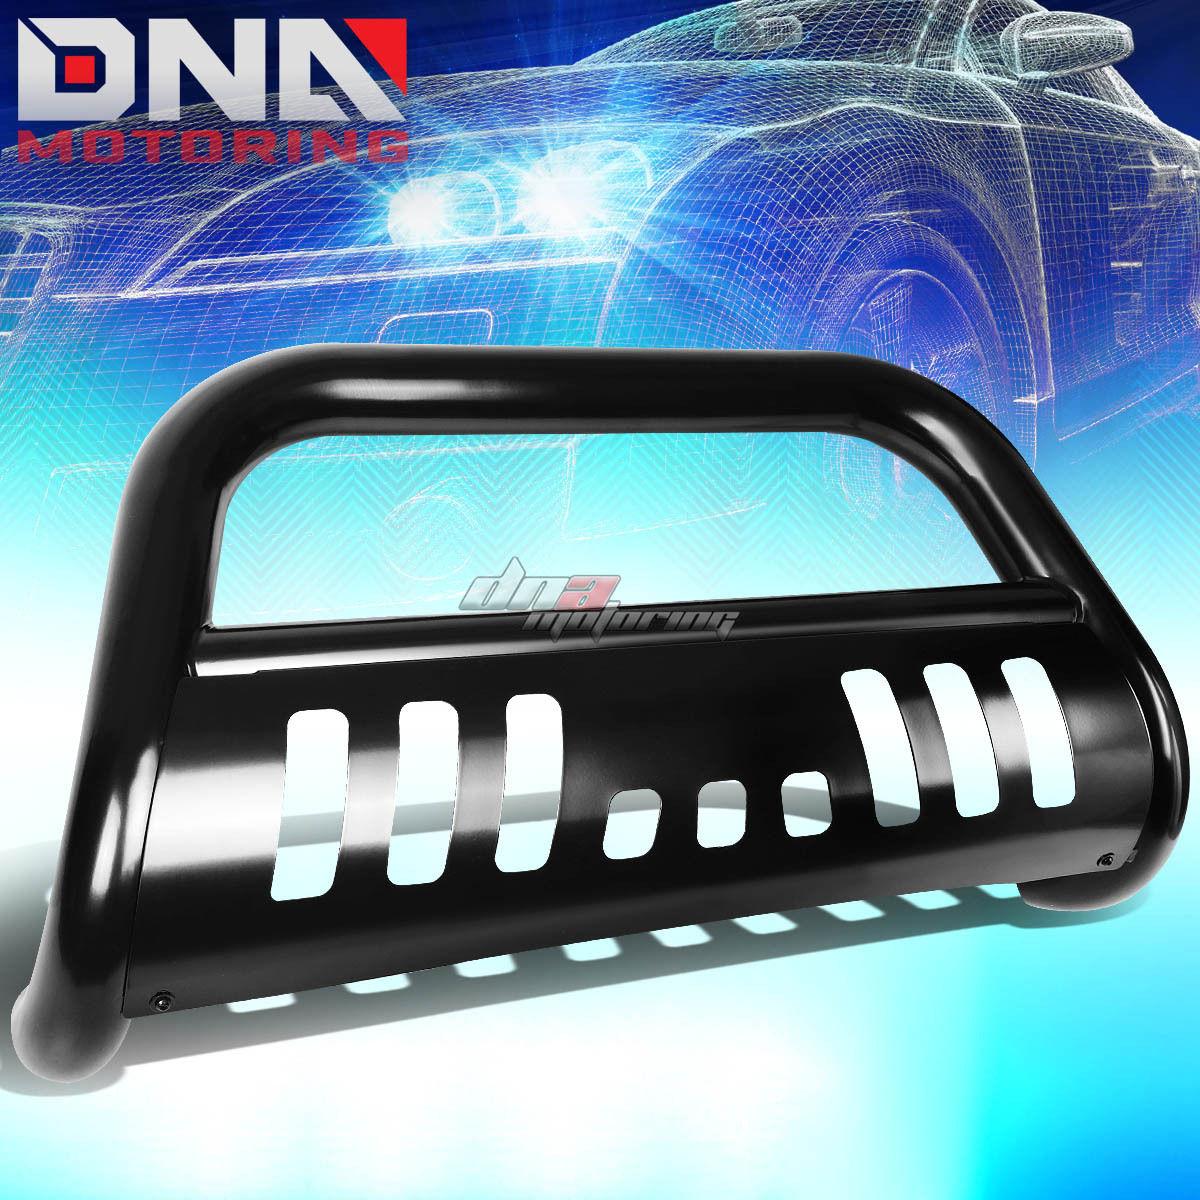 グリル FOR 09-16ダッジRAM1500トラックステンレス鋼ブラックバールバープッシュグリルガード FOR 09-16 DODGE RAM 1500 TRUCK STAINLESS STEEL BLACK BULL BAR PUSH GRILL GUARD